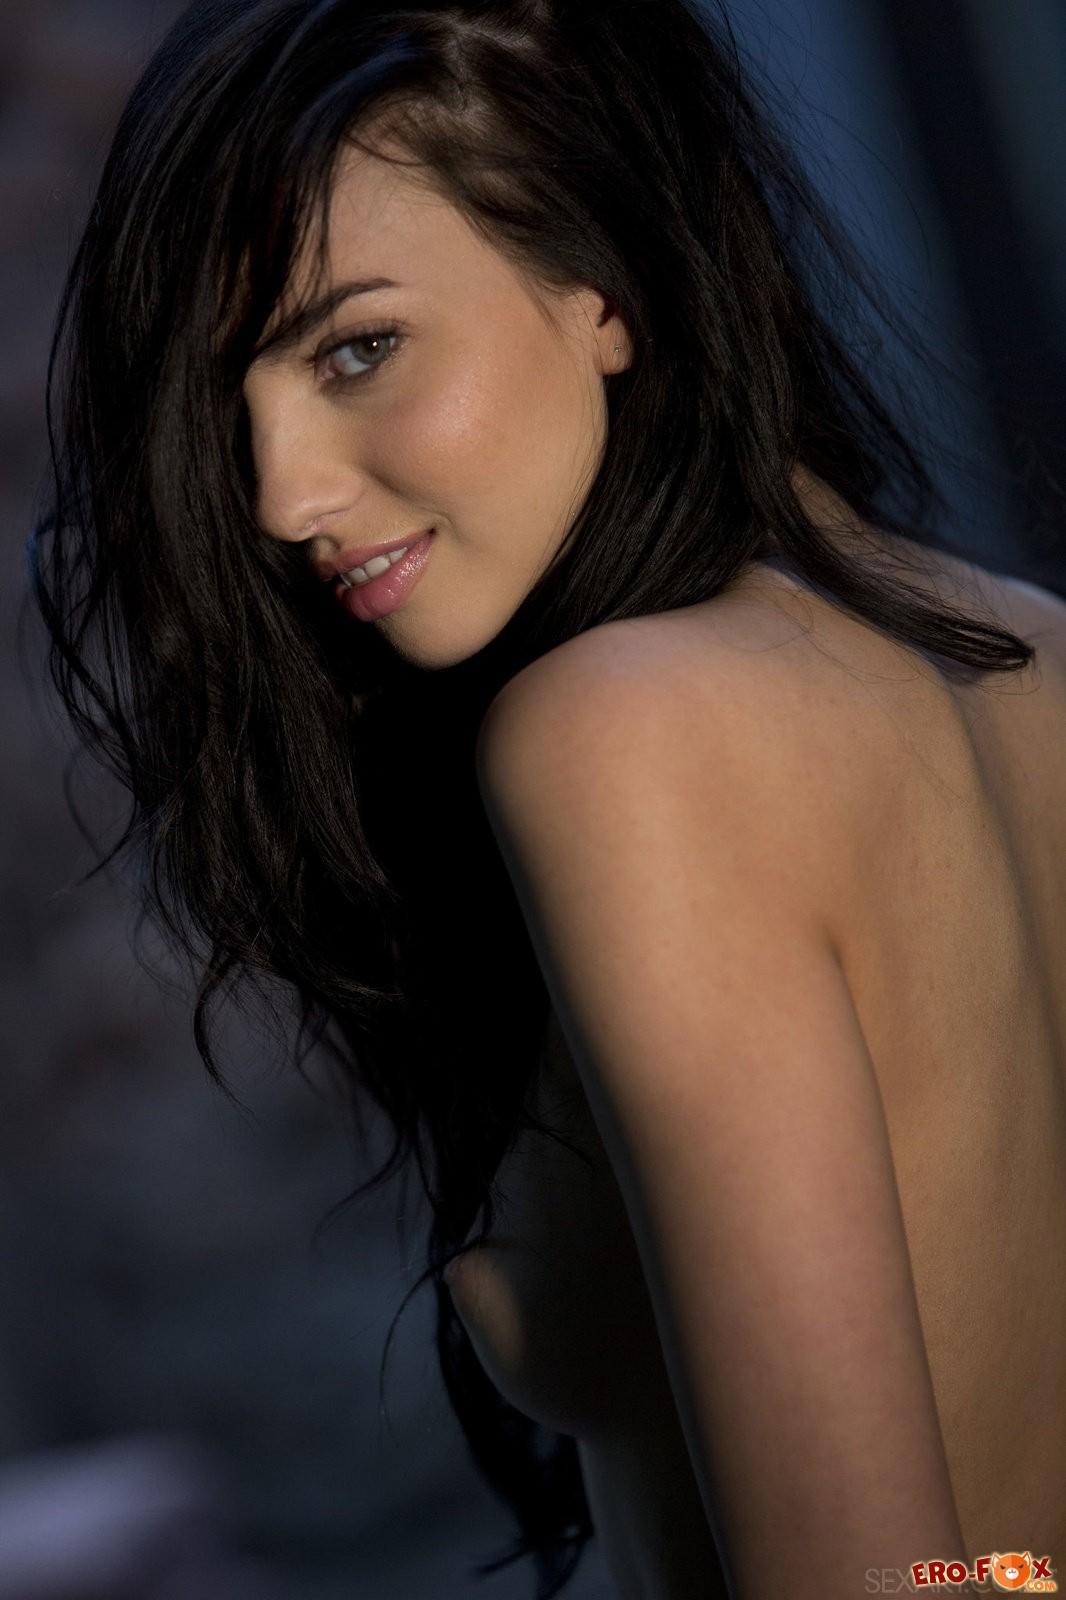 Сексуальная голая брюнетка с красивым телом